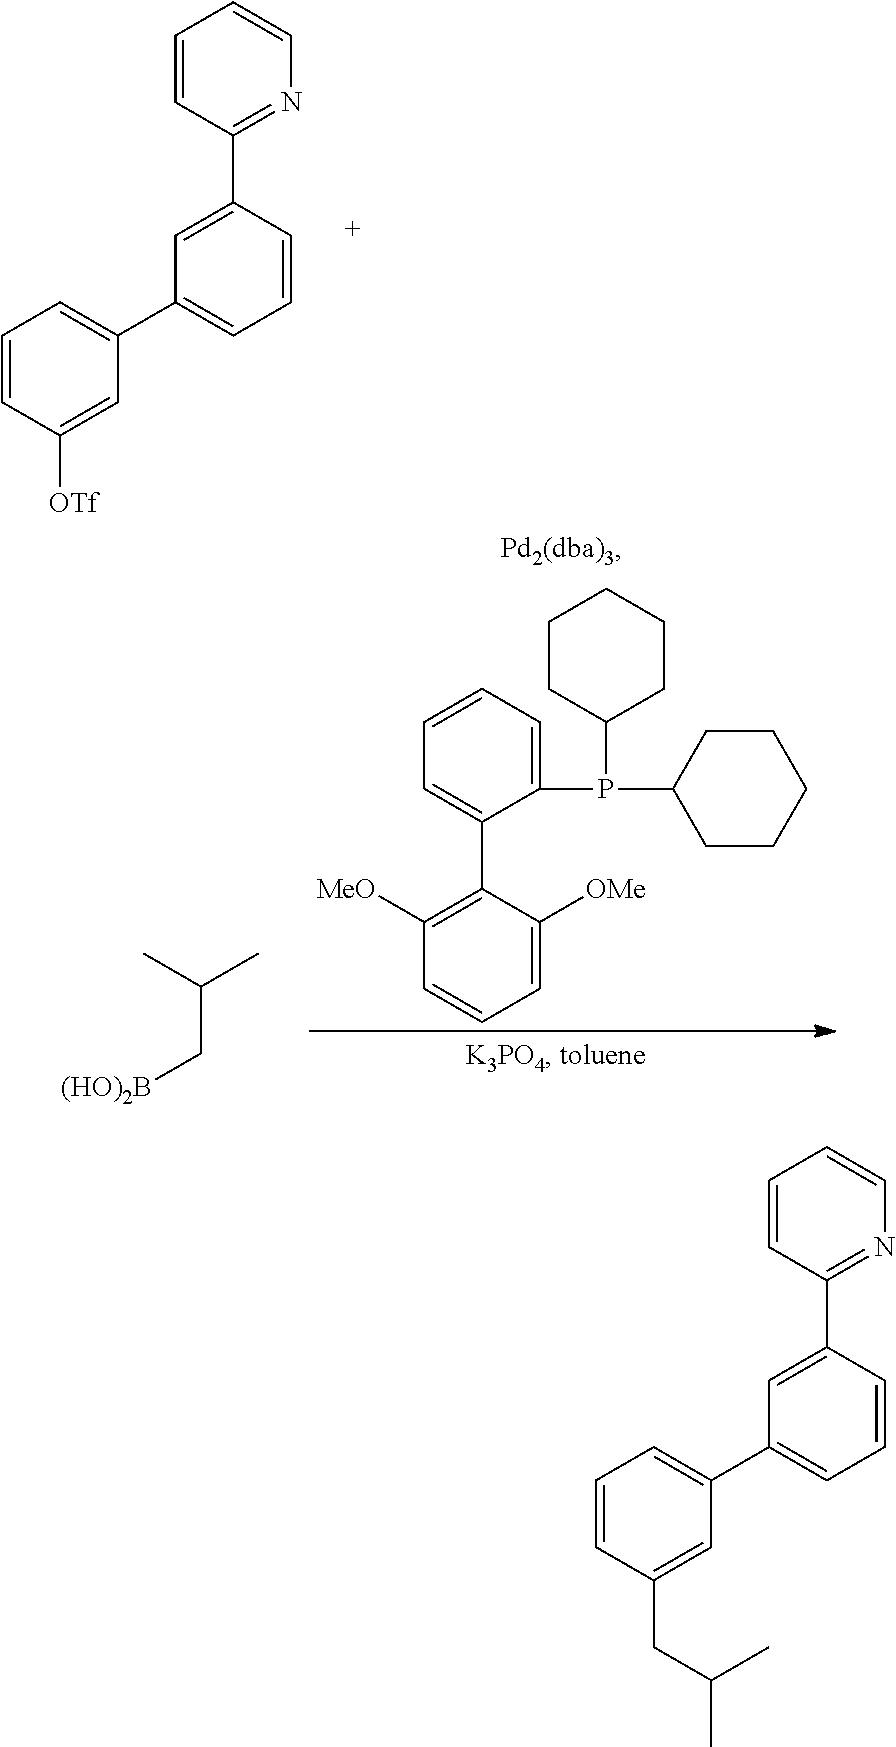 Figure US09899612-20180220-C00130